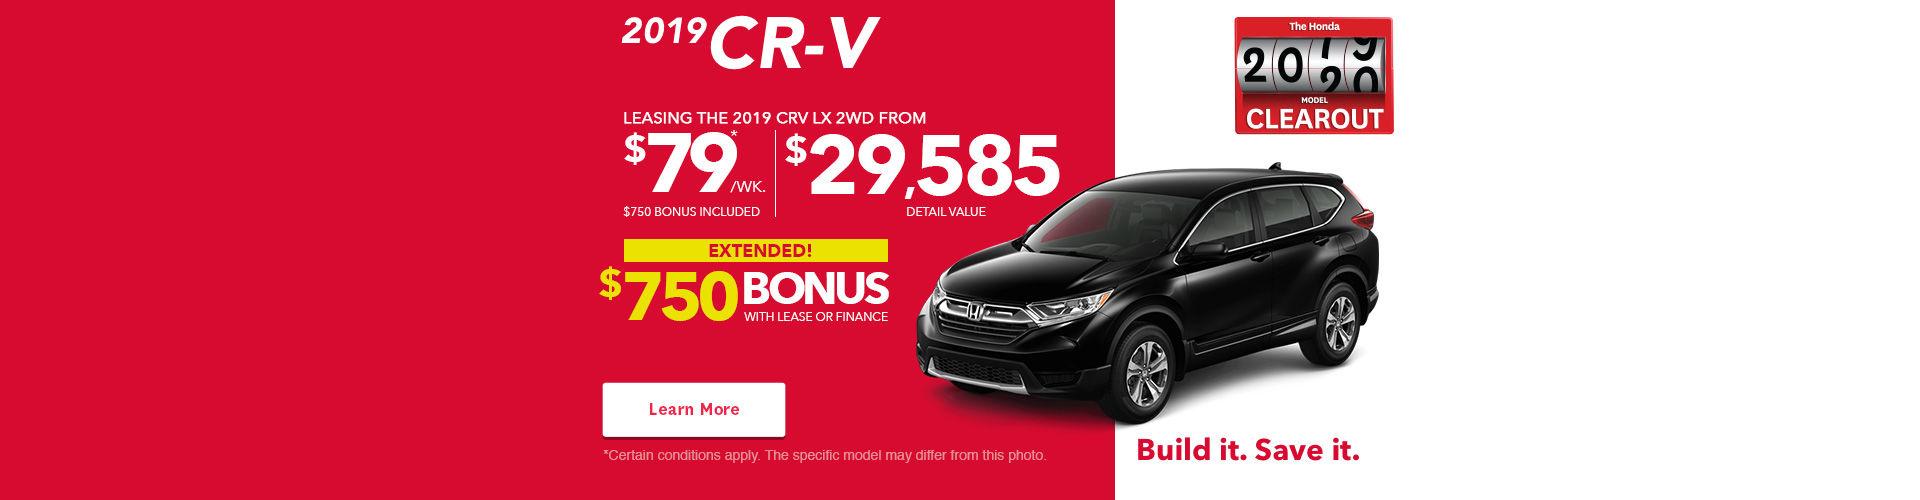 The 2019 CR-V